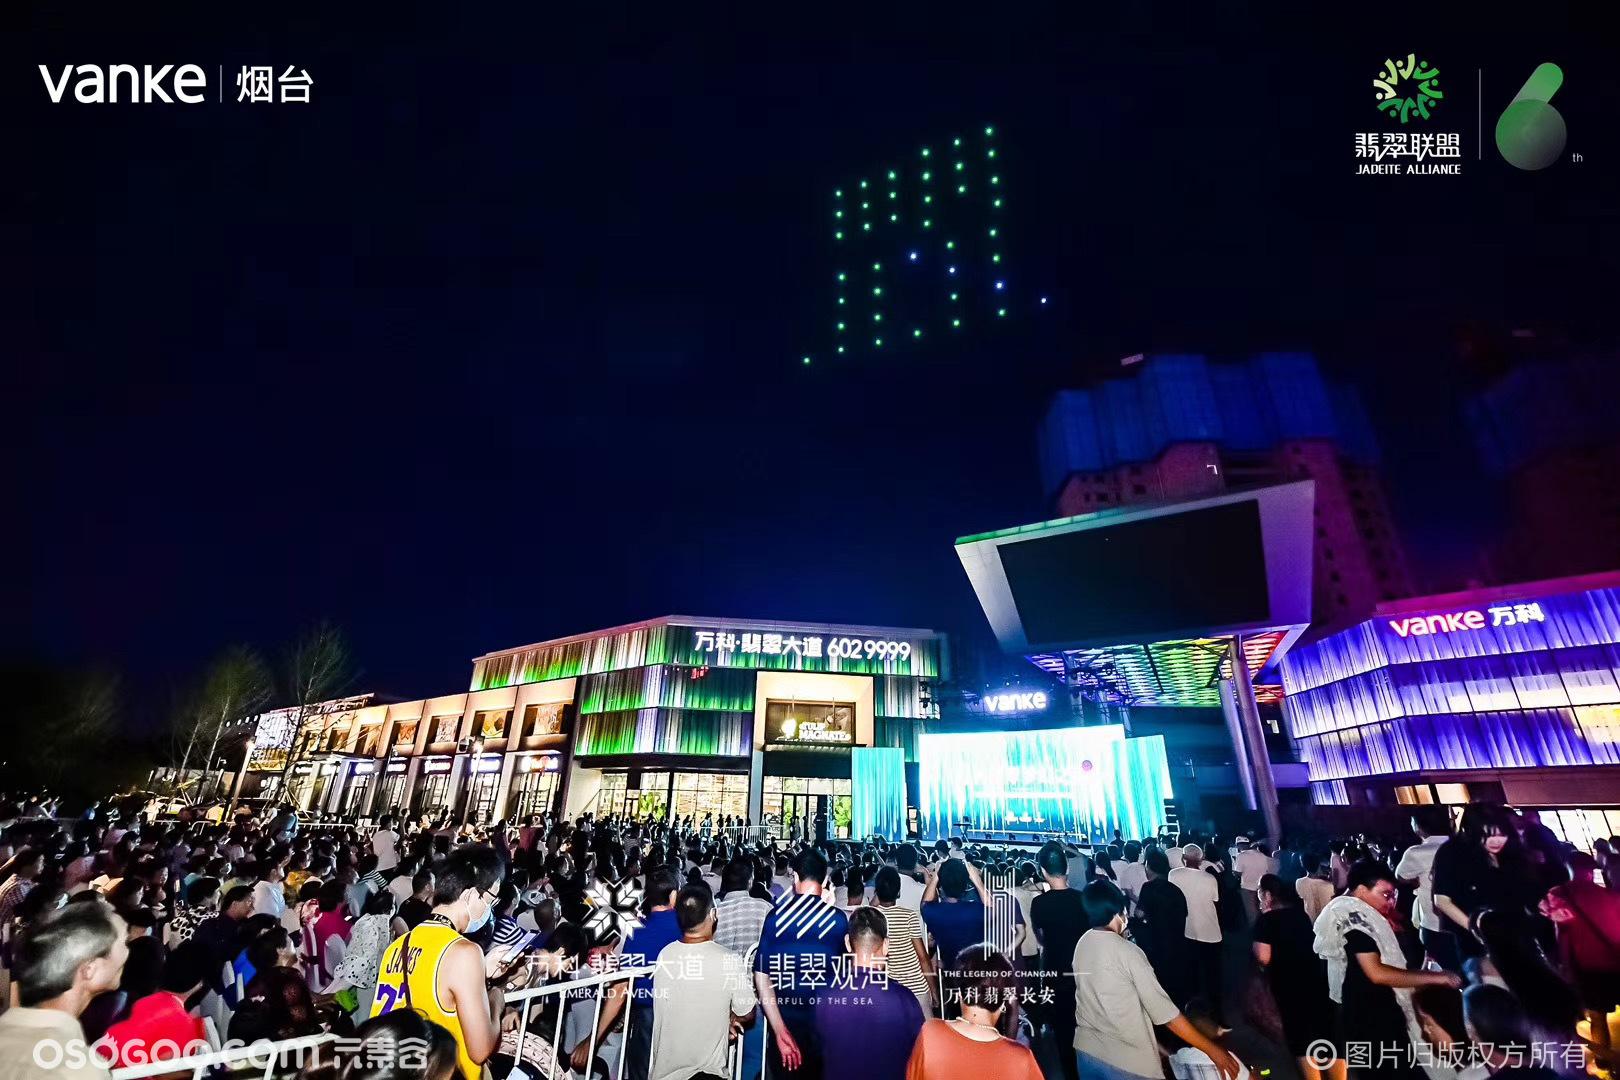 山东烟台万科—翡翠联盟示范区发布会 40架无人机表演空中呈现